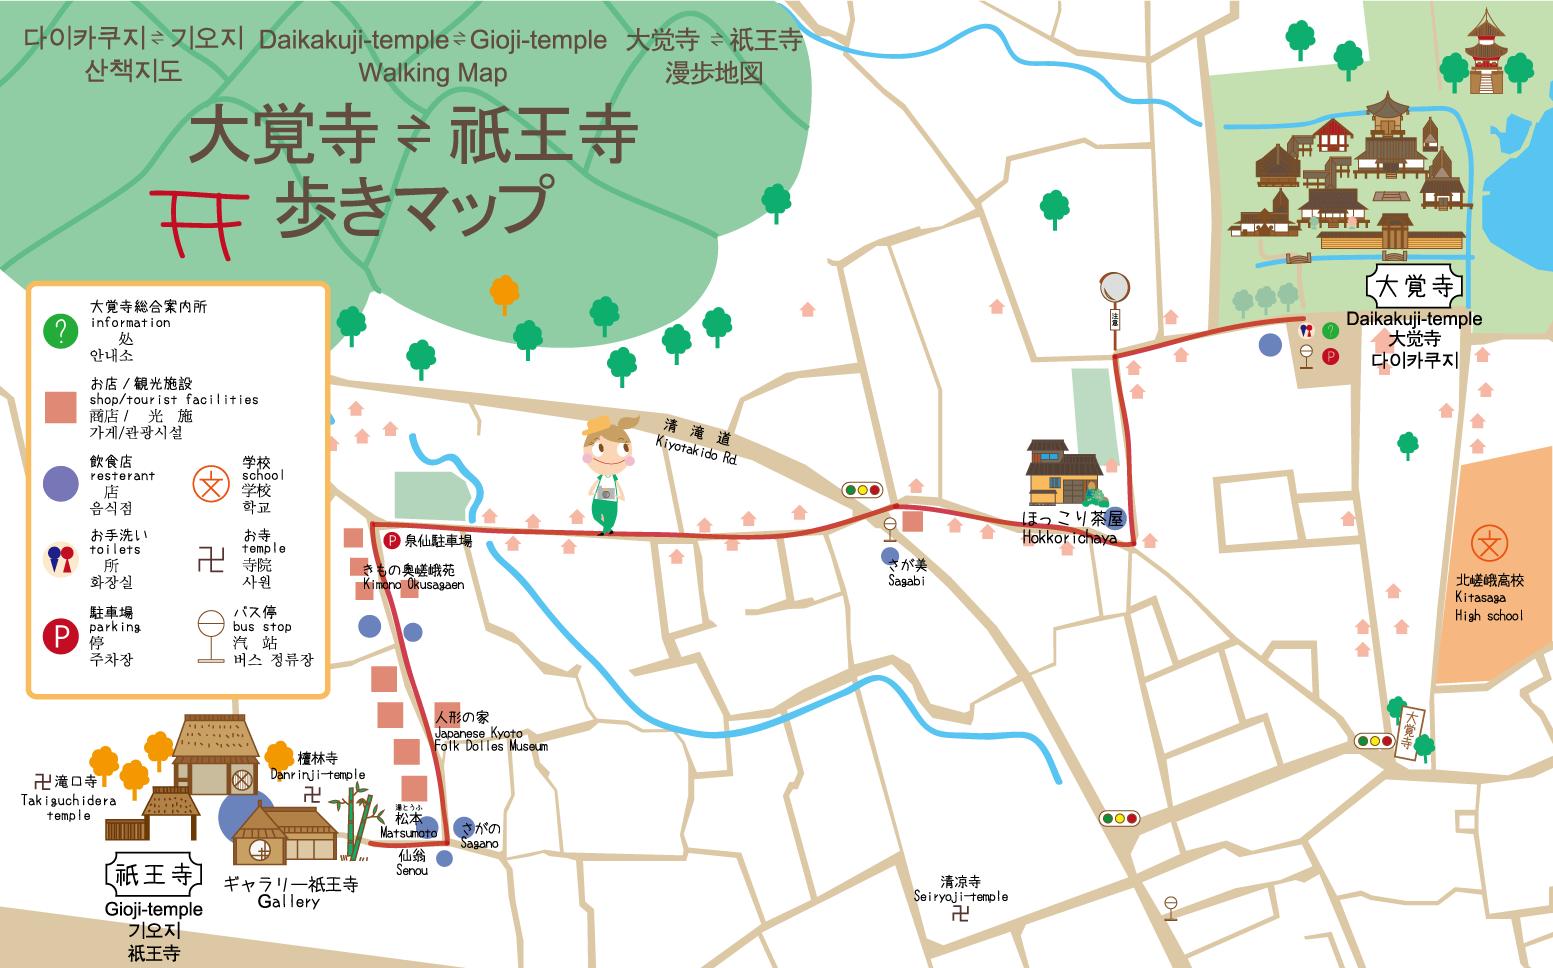 大覚寺からの徒歩イラストマップ(4ヶ国語対応)